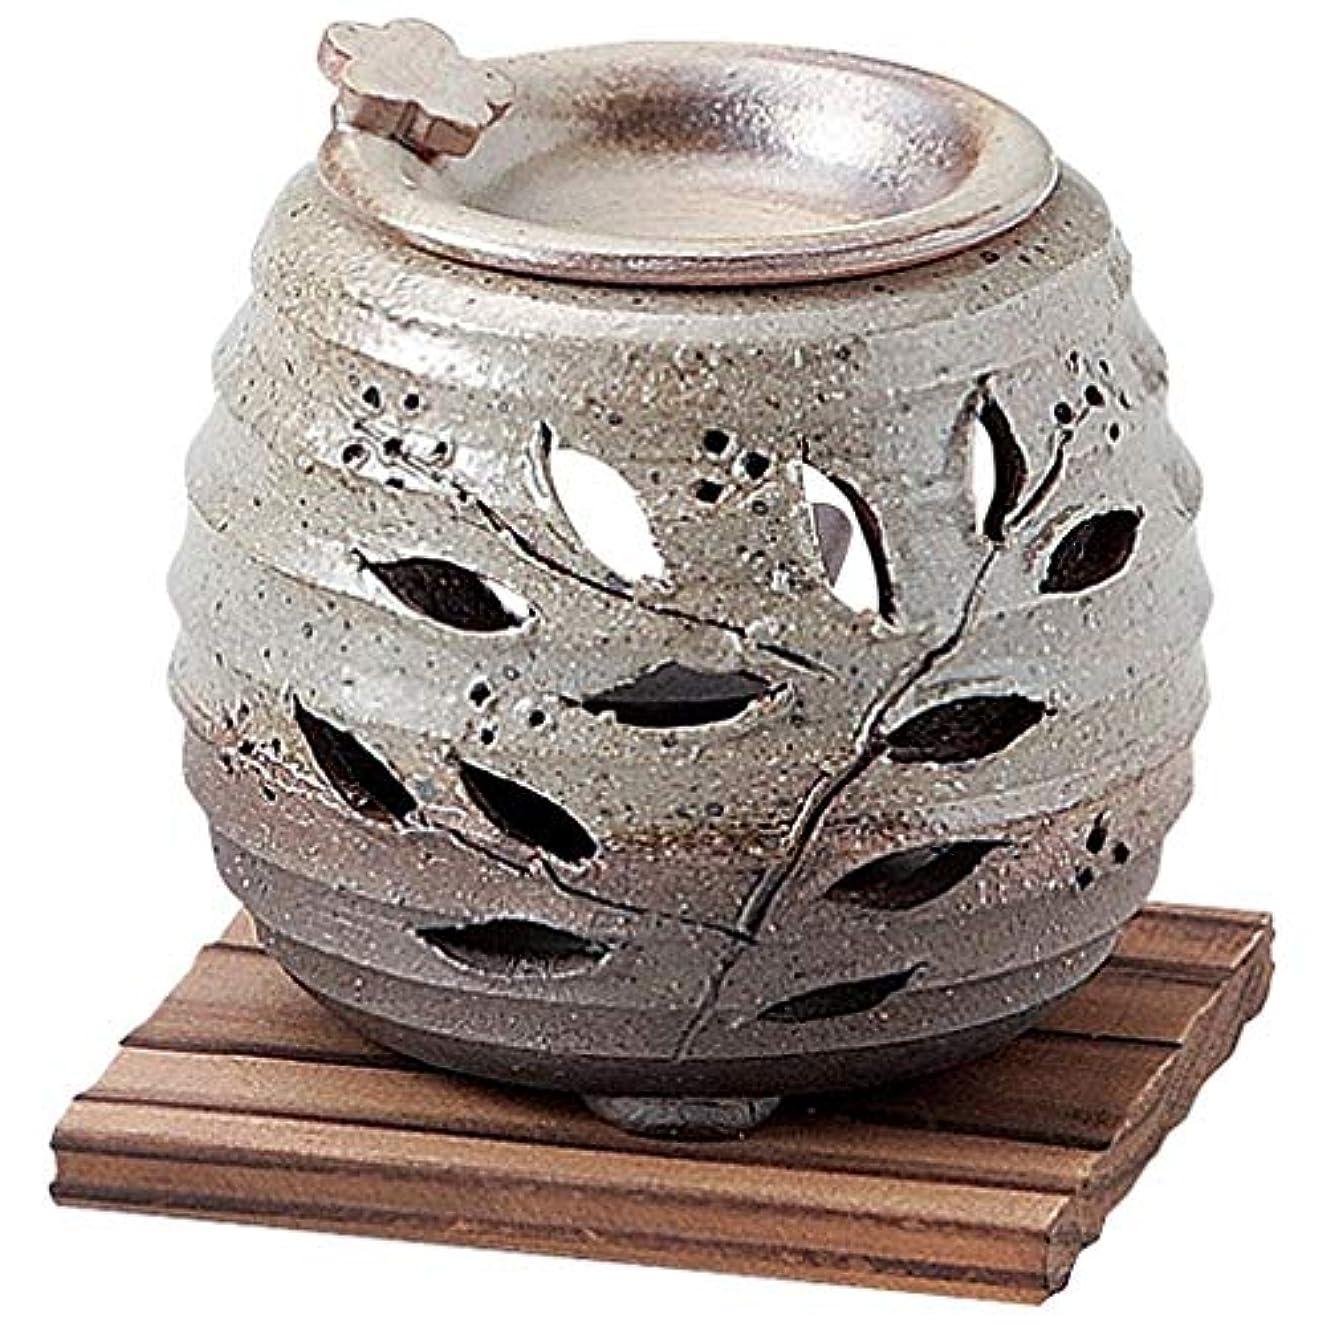 辛な計算するを通してお部屋の消臭に!■常滑焼【茶香炉】石龍作 緑灰釉花茶香炉(板付)